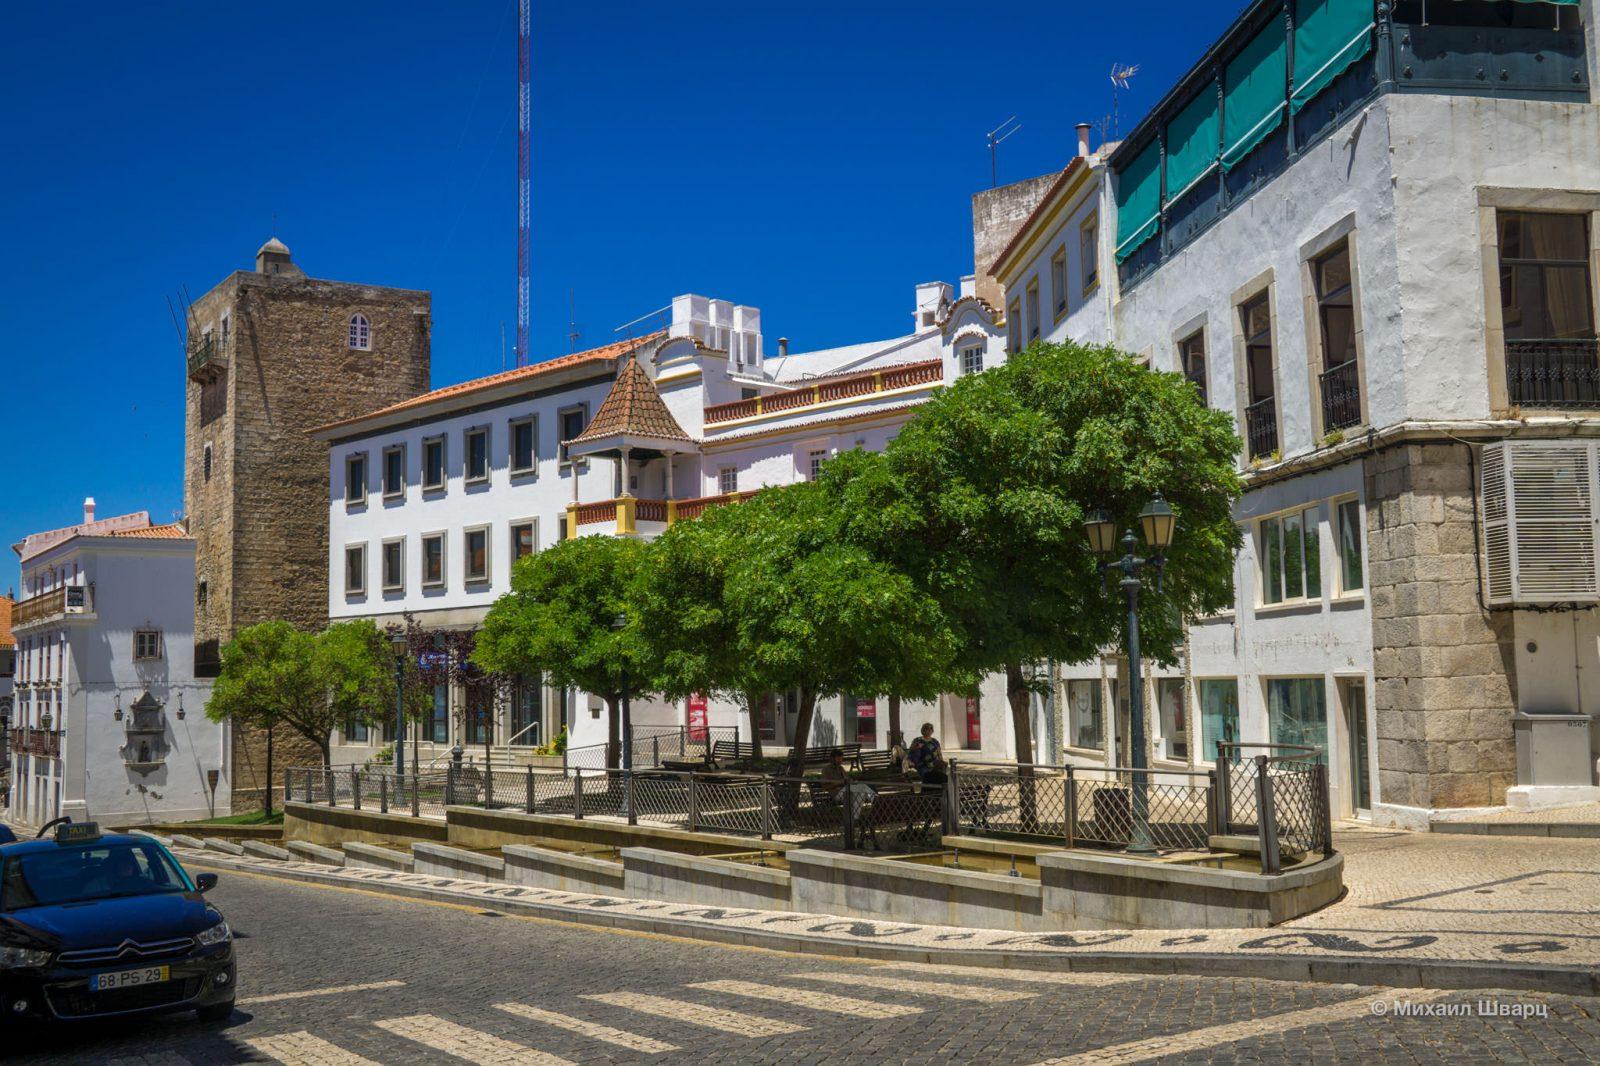 Улица Rua da Cadeia